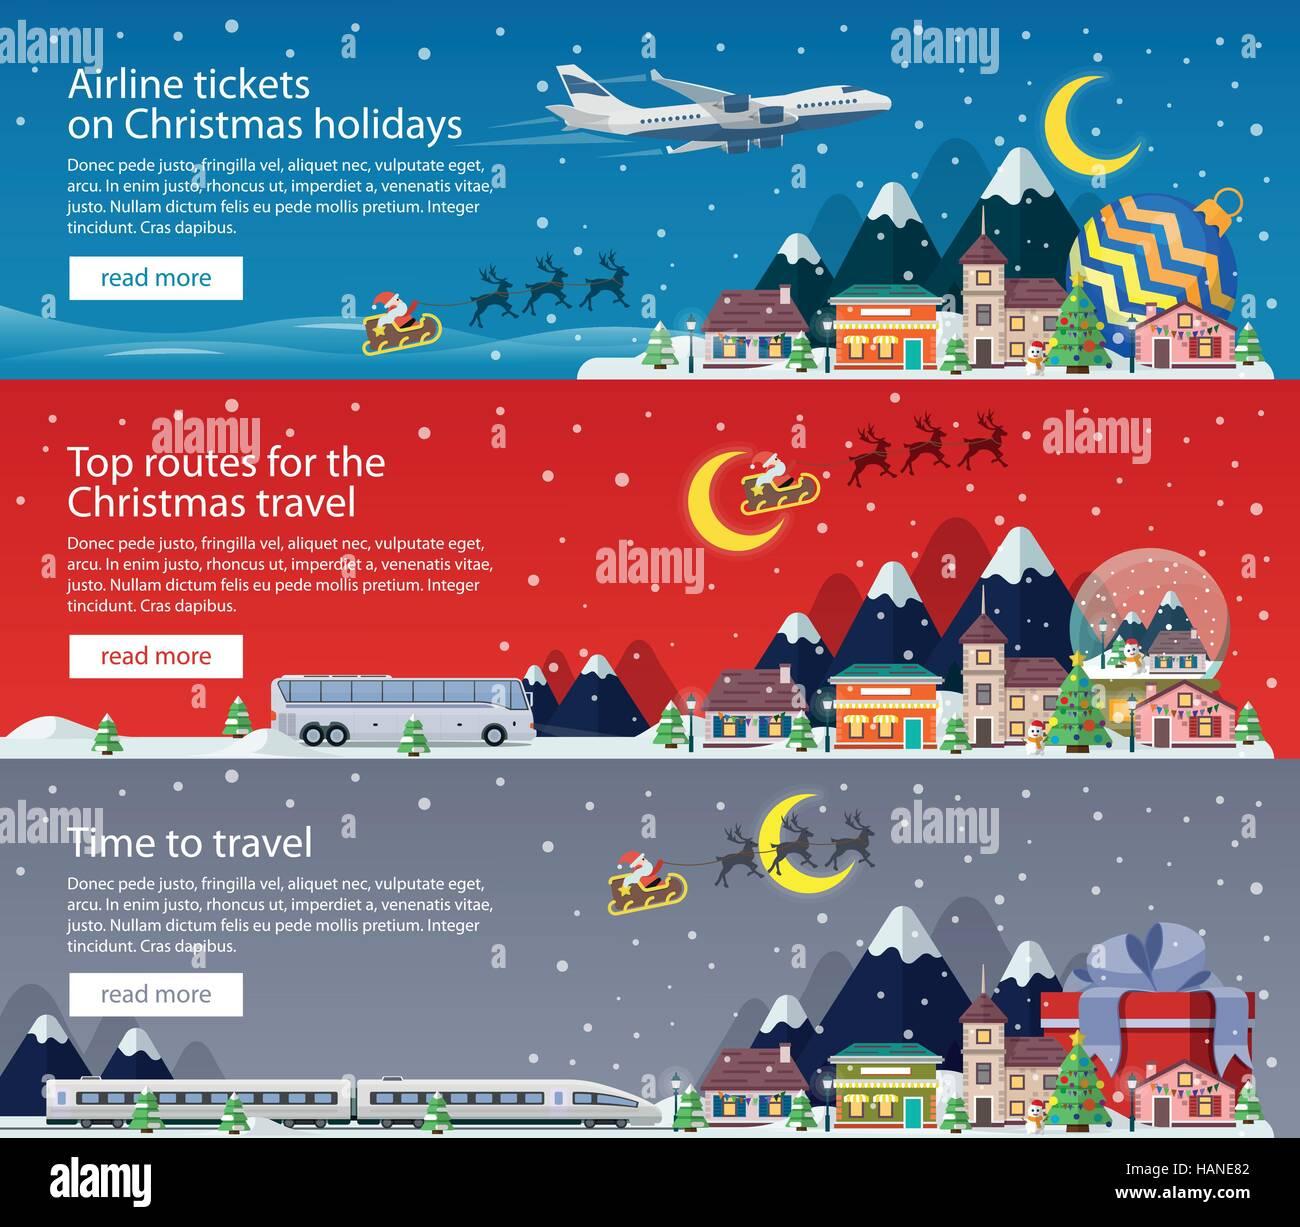 Frohe Weihnachten Flugzeug.Frohe Weihnachten Banner Im Flachen Stil Reisen Mit